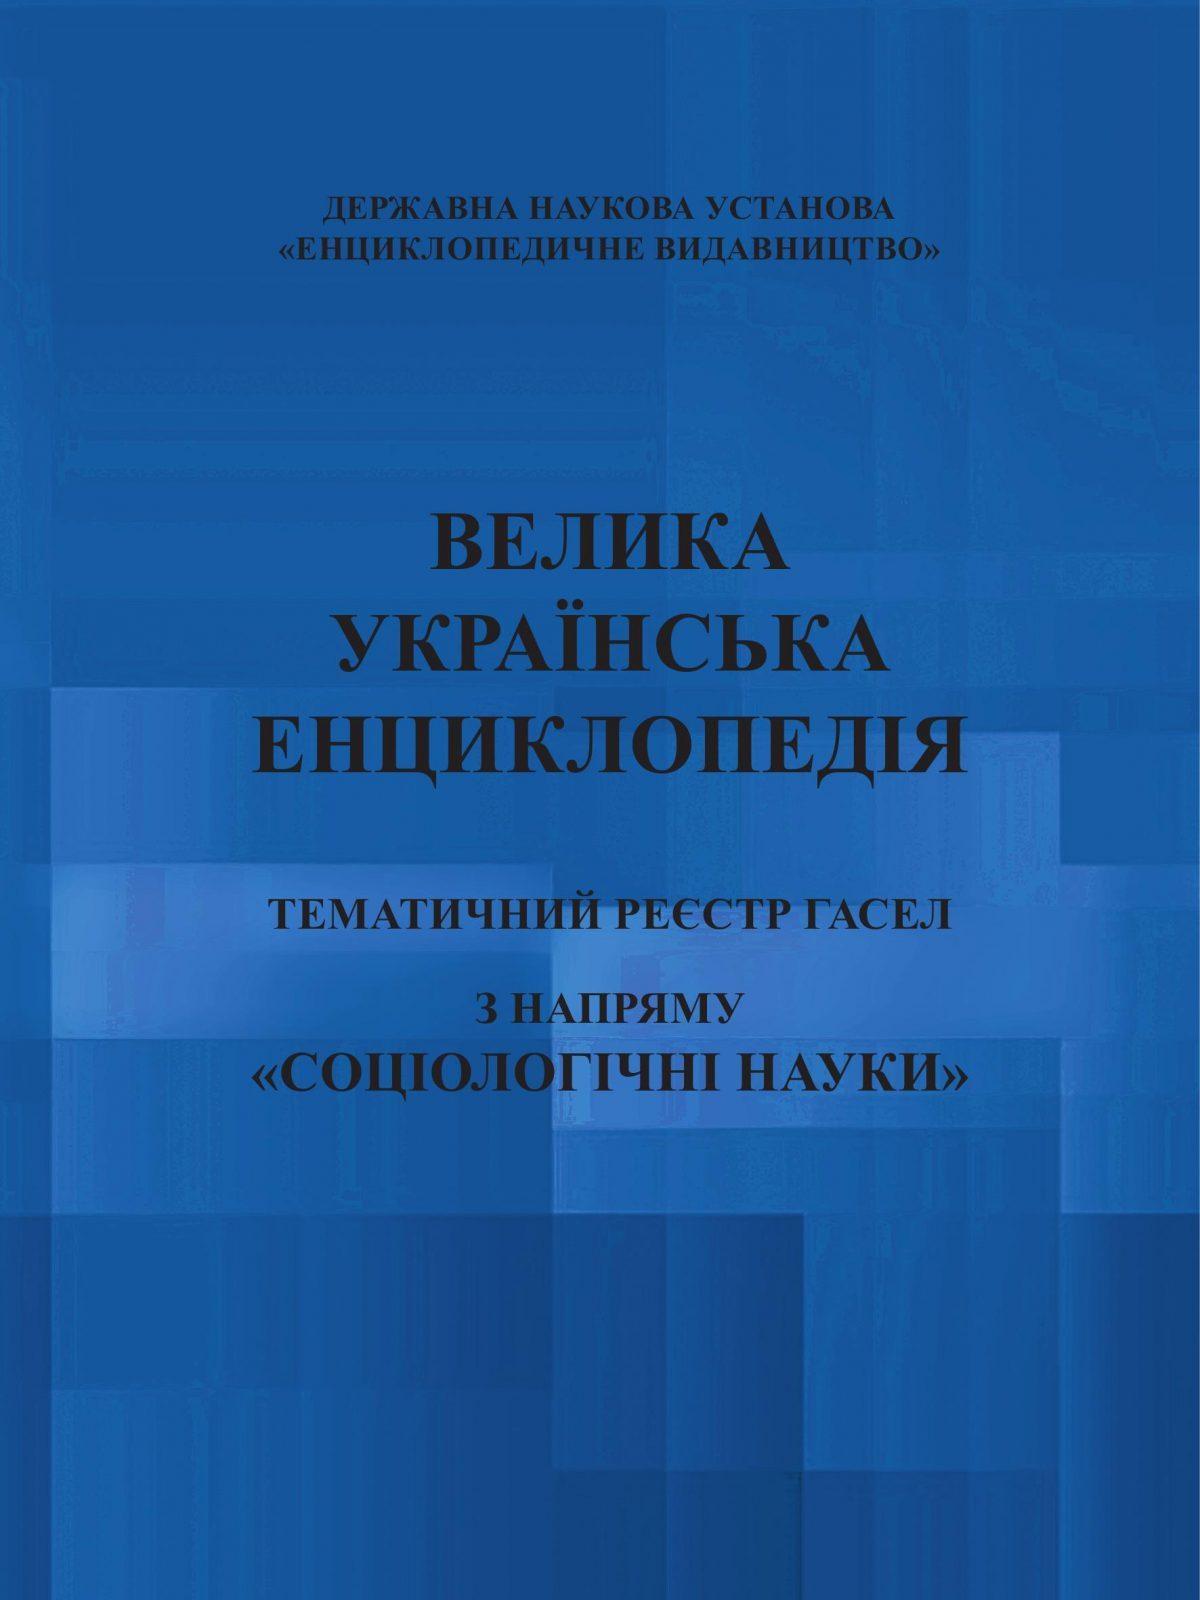 ТЕМАТИЧНИЙ РЕЄСТР ГАСЕЛ з напряму «Соціологічні науки»